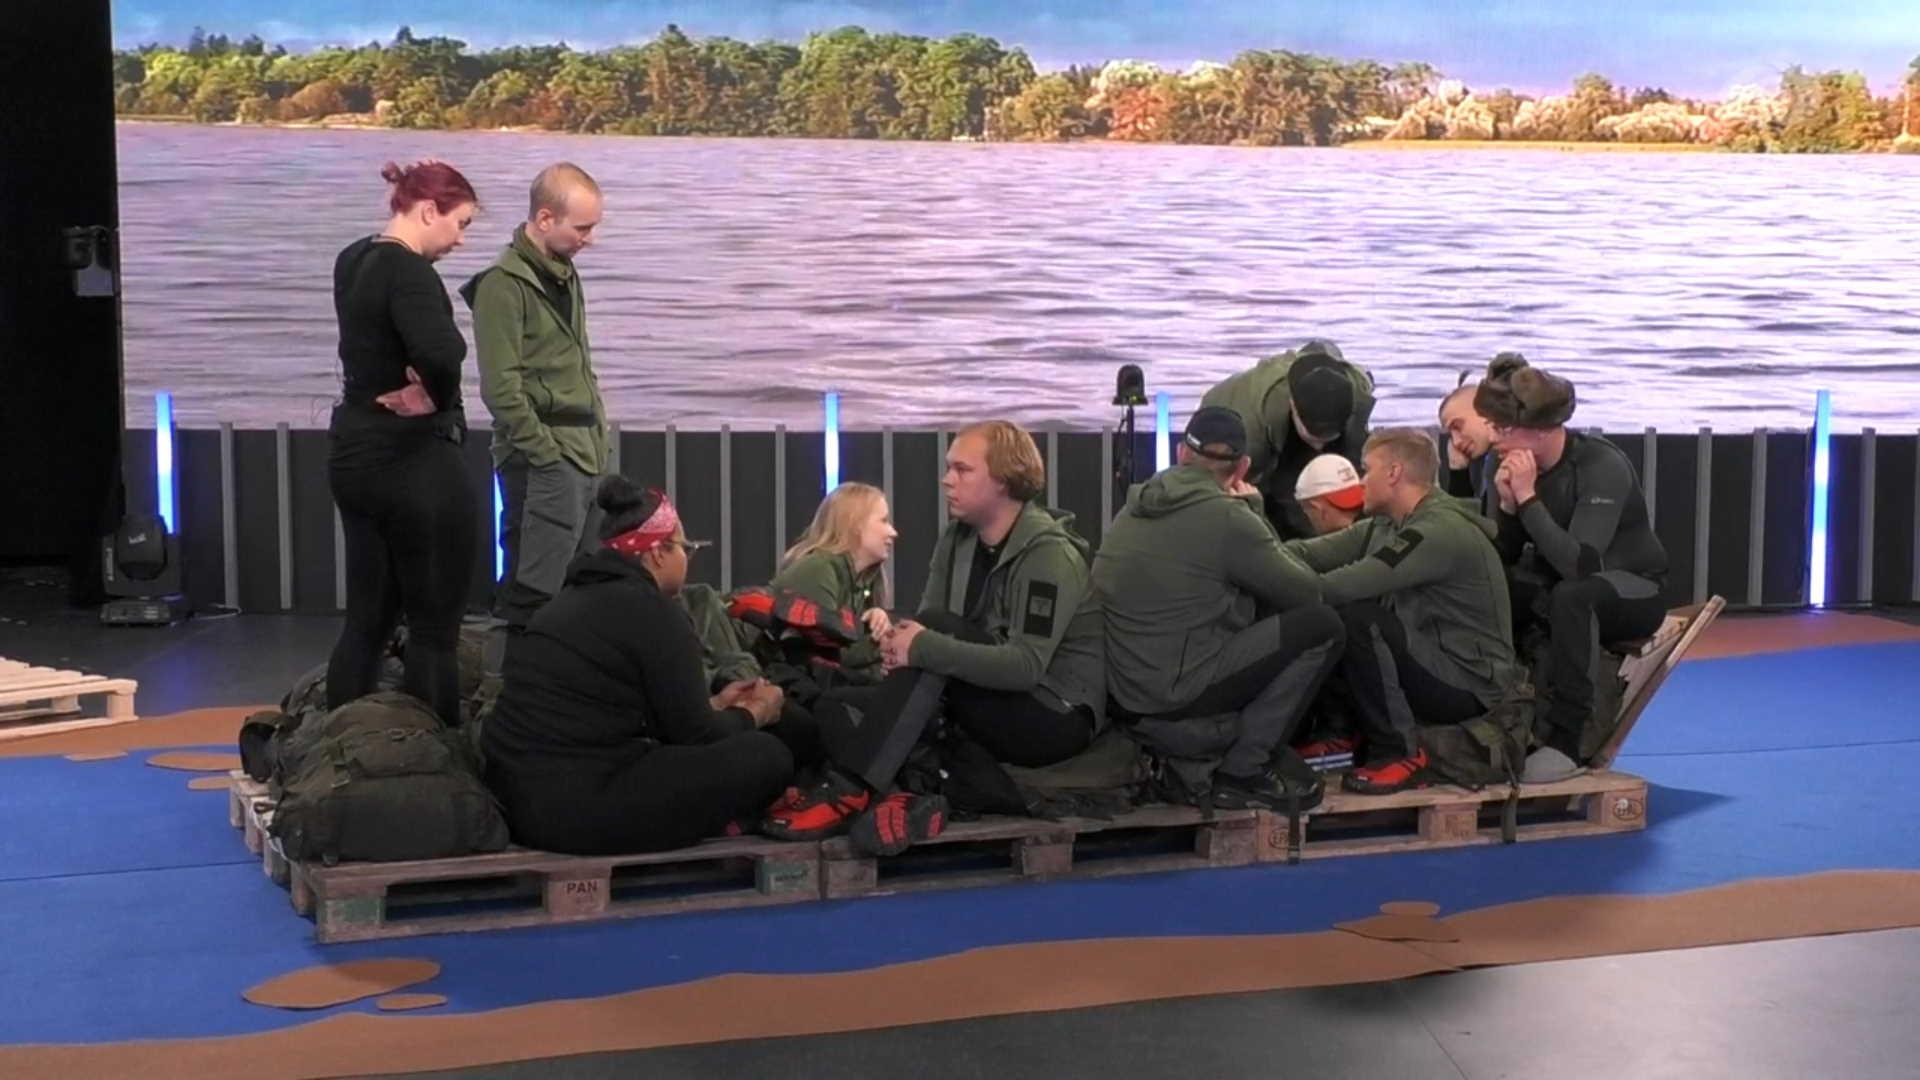 Asukkaat lautalla matkalla Lemmenjoella. Kuva: © Nelonen Media.